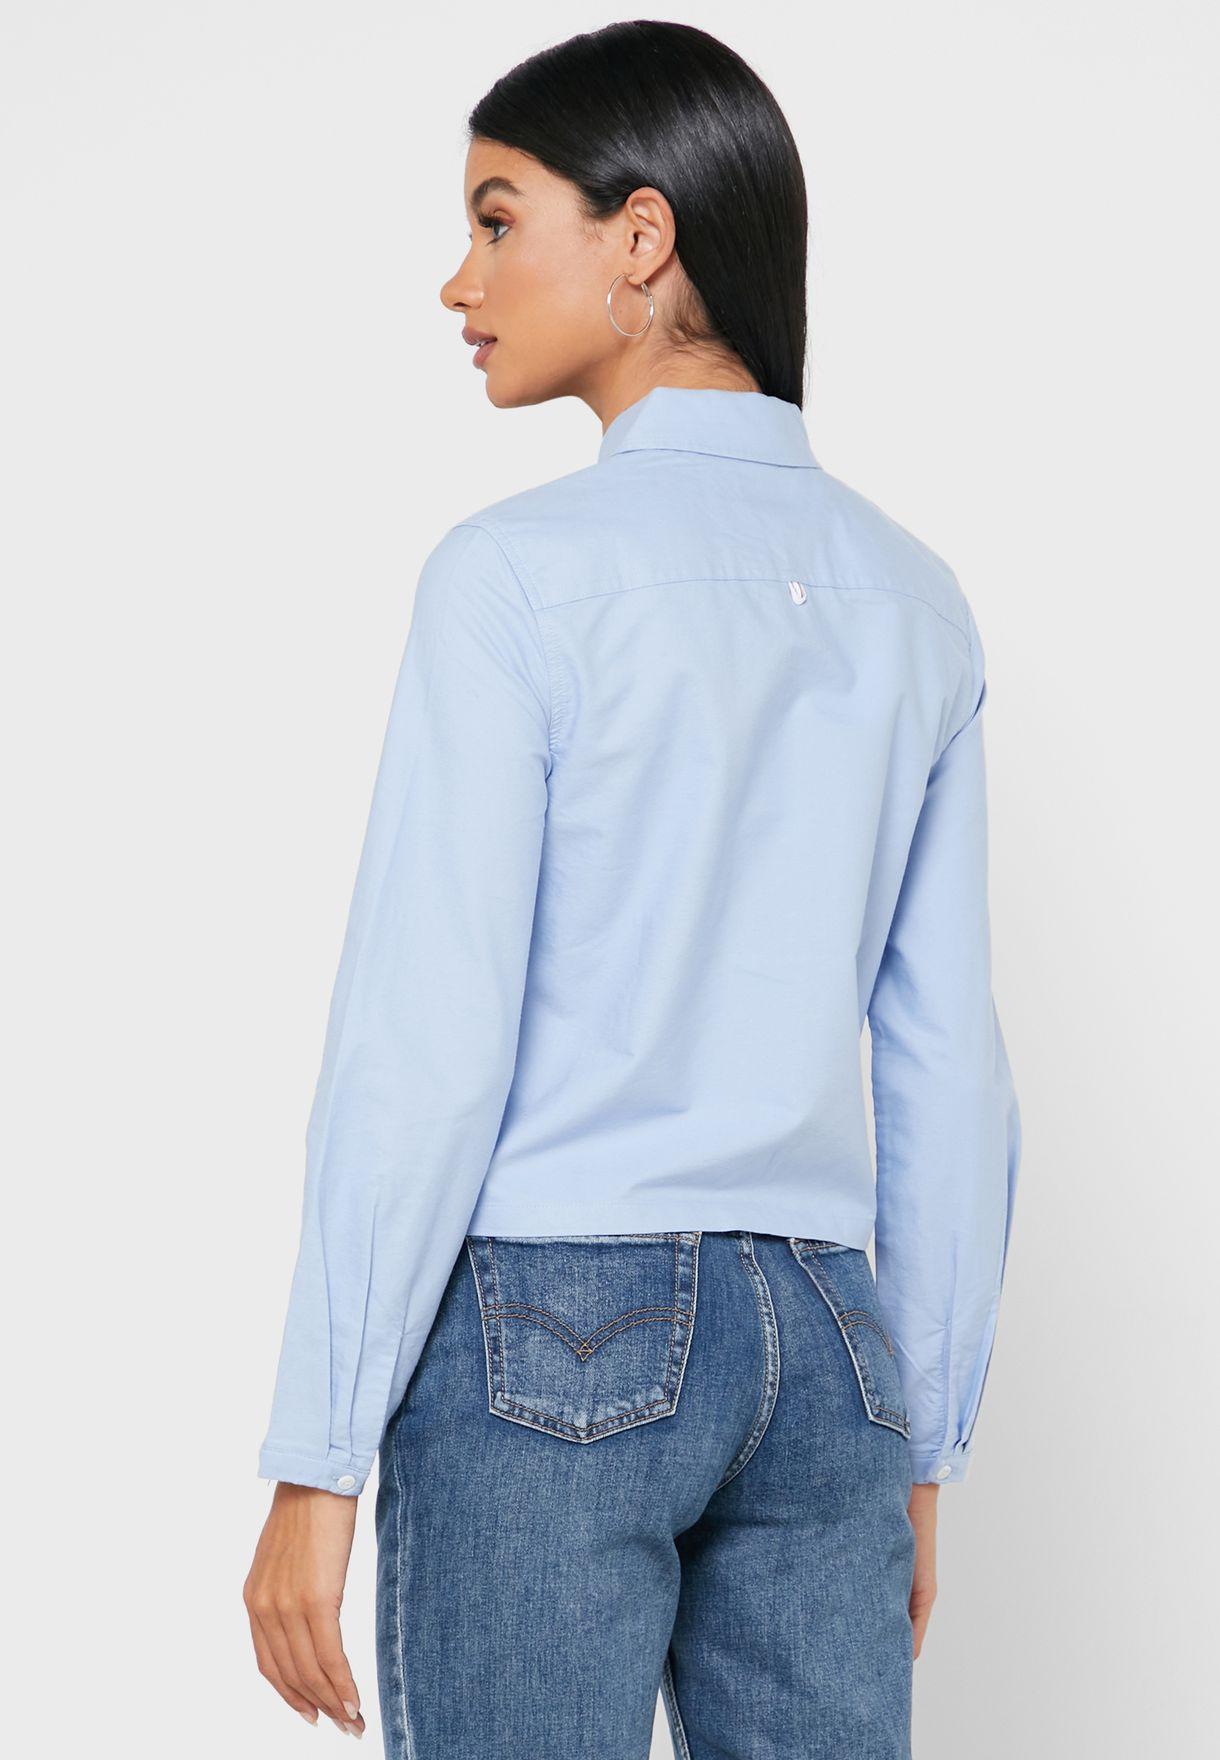 قميص بجيب علي الصدر